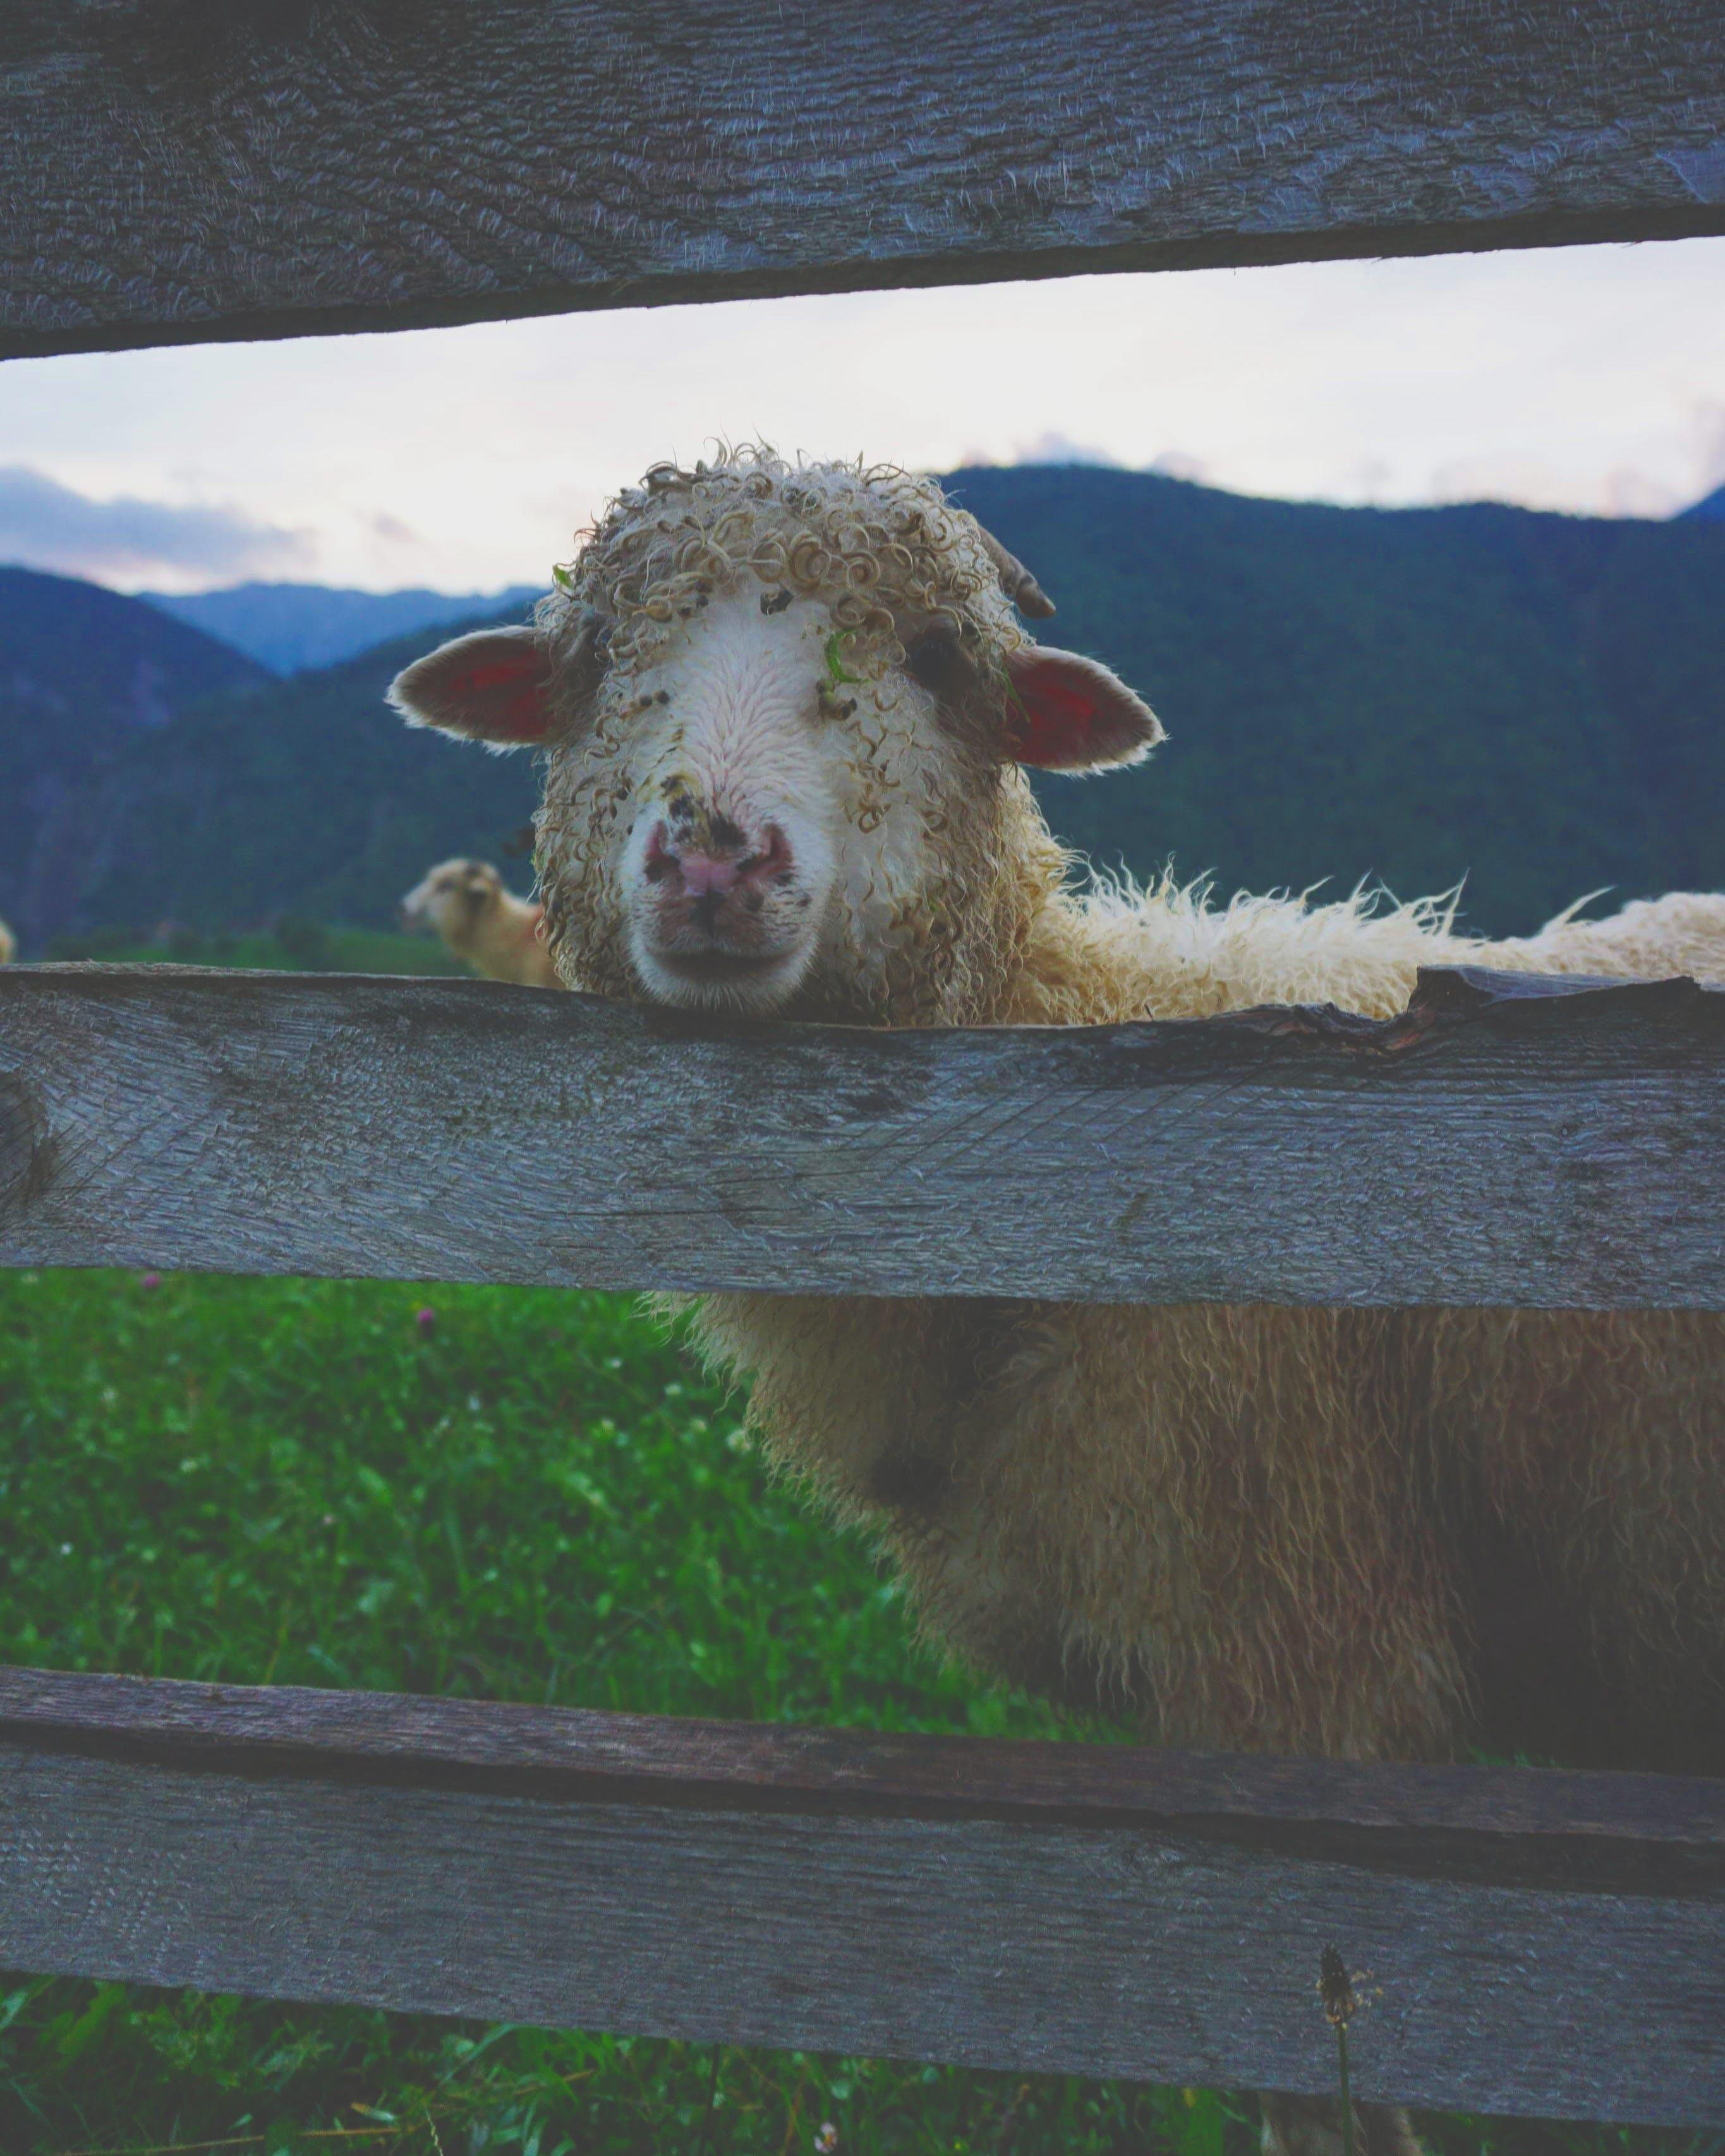 White Llama Near Fence